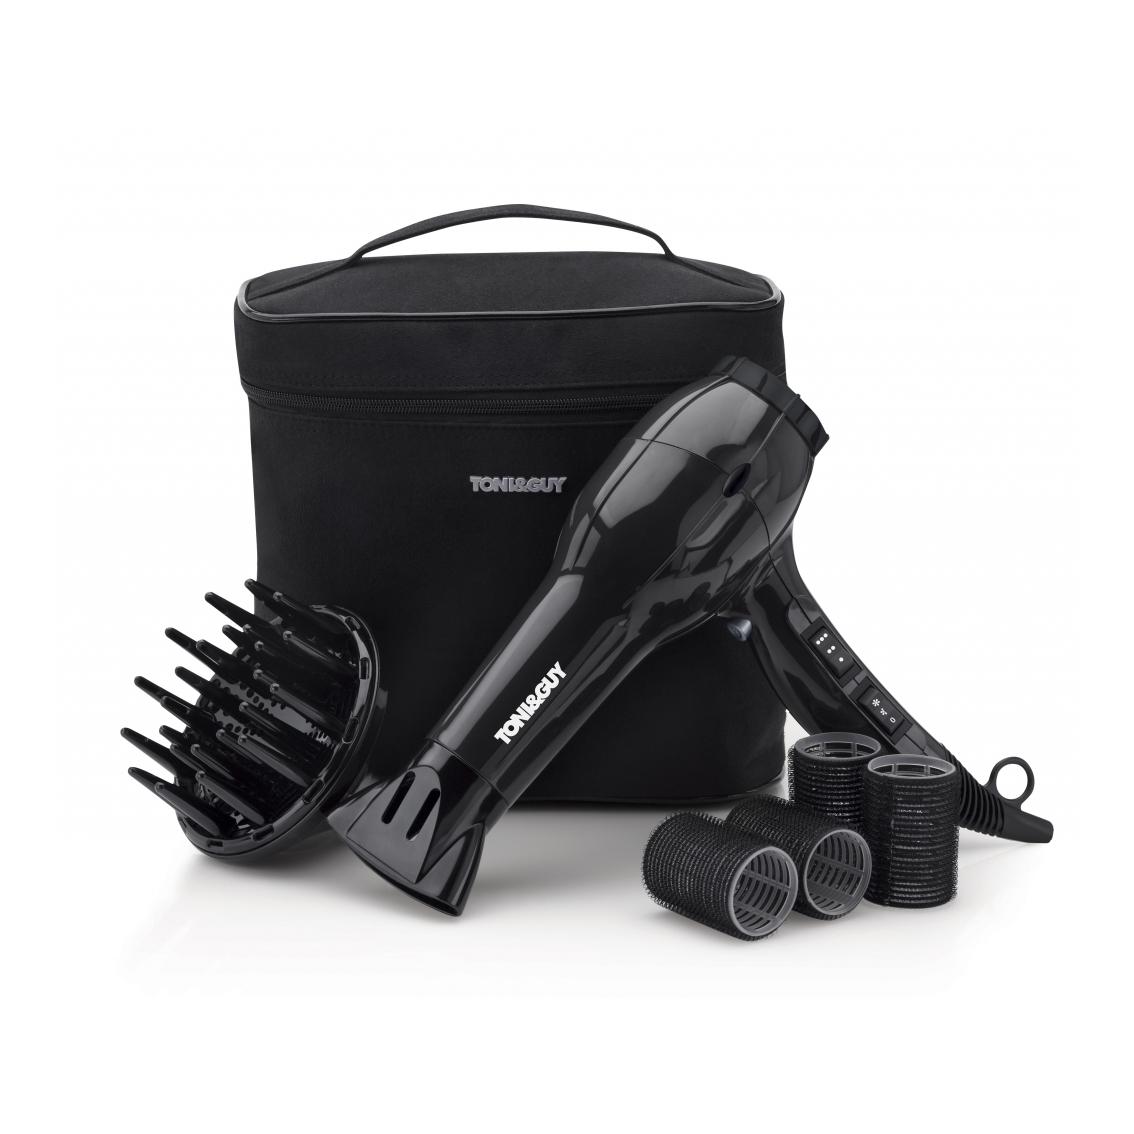 Tony Amp Guy Tgdr5368pkuk1 Hair Dryer Elf International Ltd